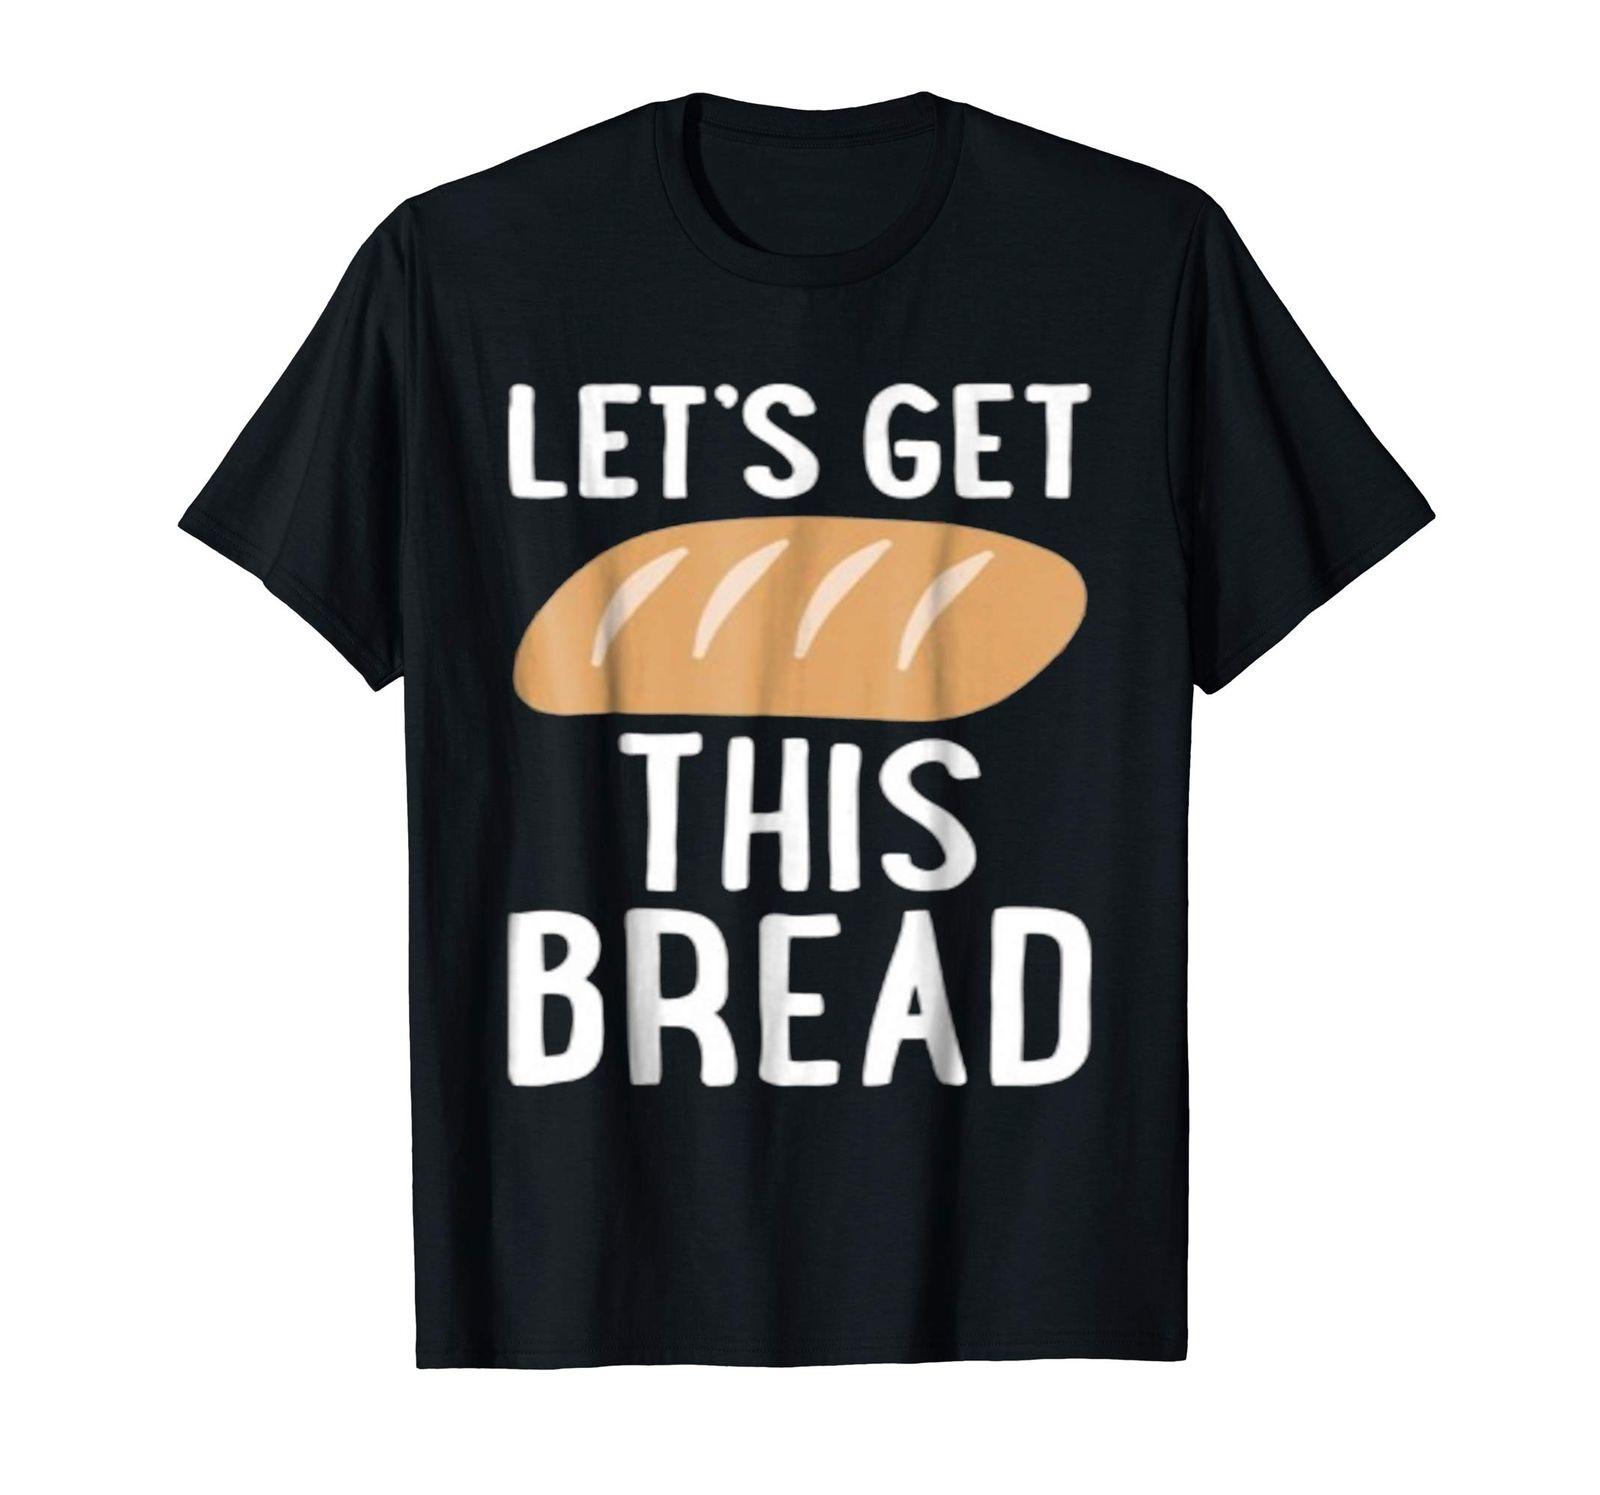 Lets Get This Bread Black T-shirt  Cool Casual pride t shirt men Unisex New Fashion tshirt free shipping tops ajax  t shirts